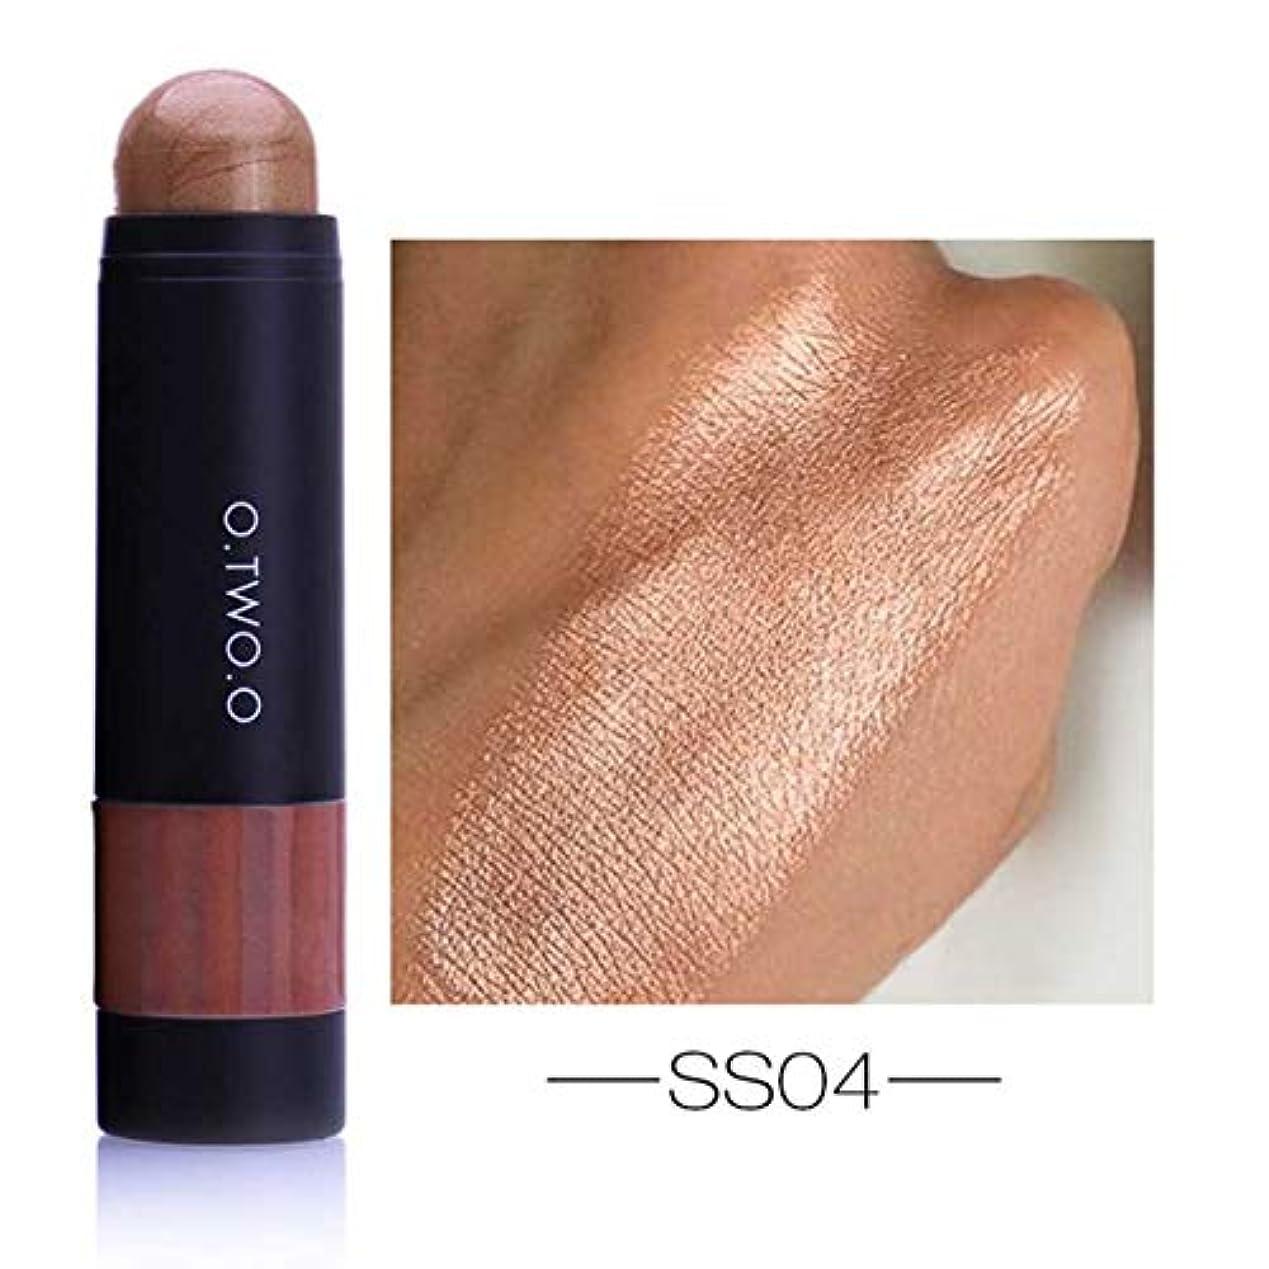 リファインショップゲストQuzama-JS 信頼性の高いライターの女性アイテムfaddish新しい隠し屋顔顔高光ペン顔リフト製品化粧(None No. 4-Contraband)